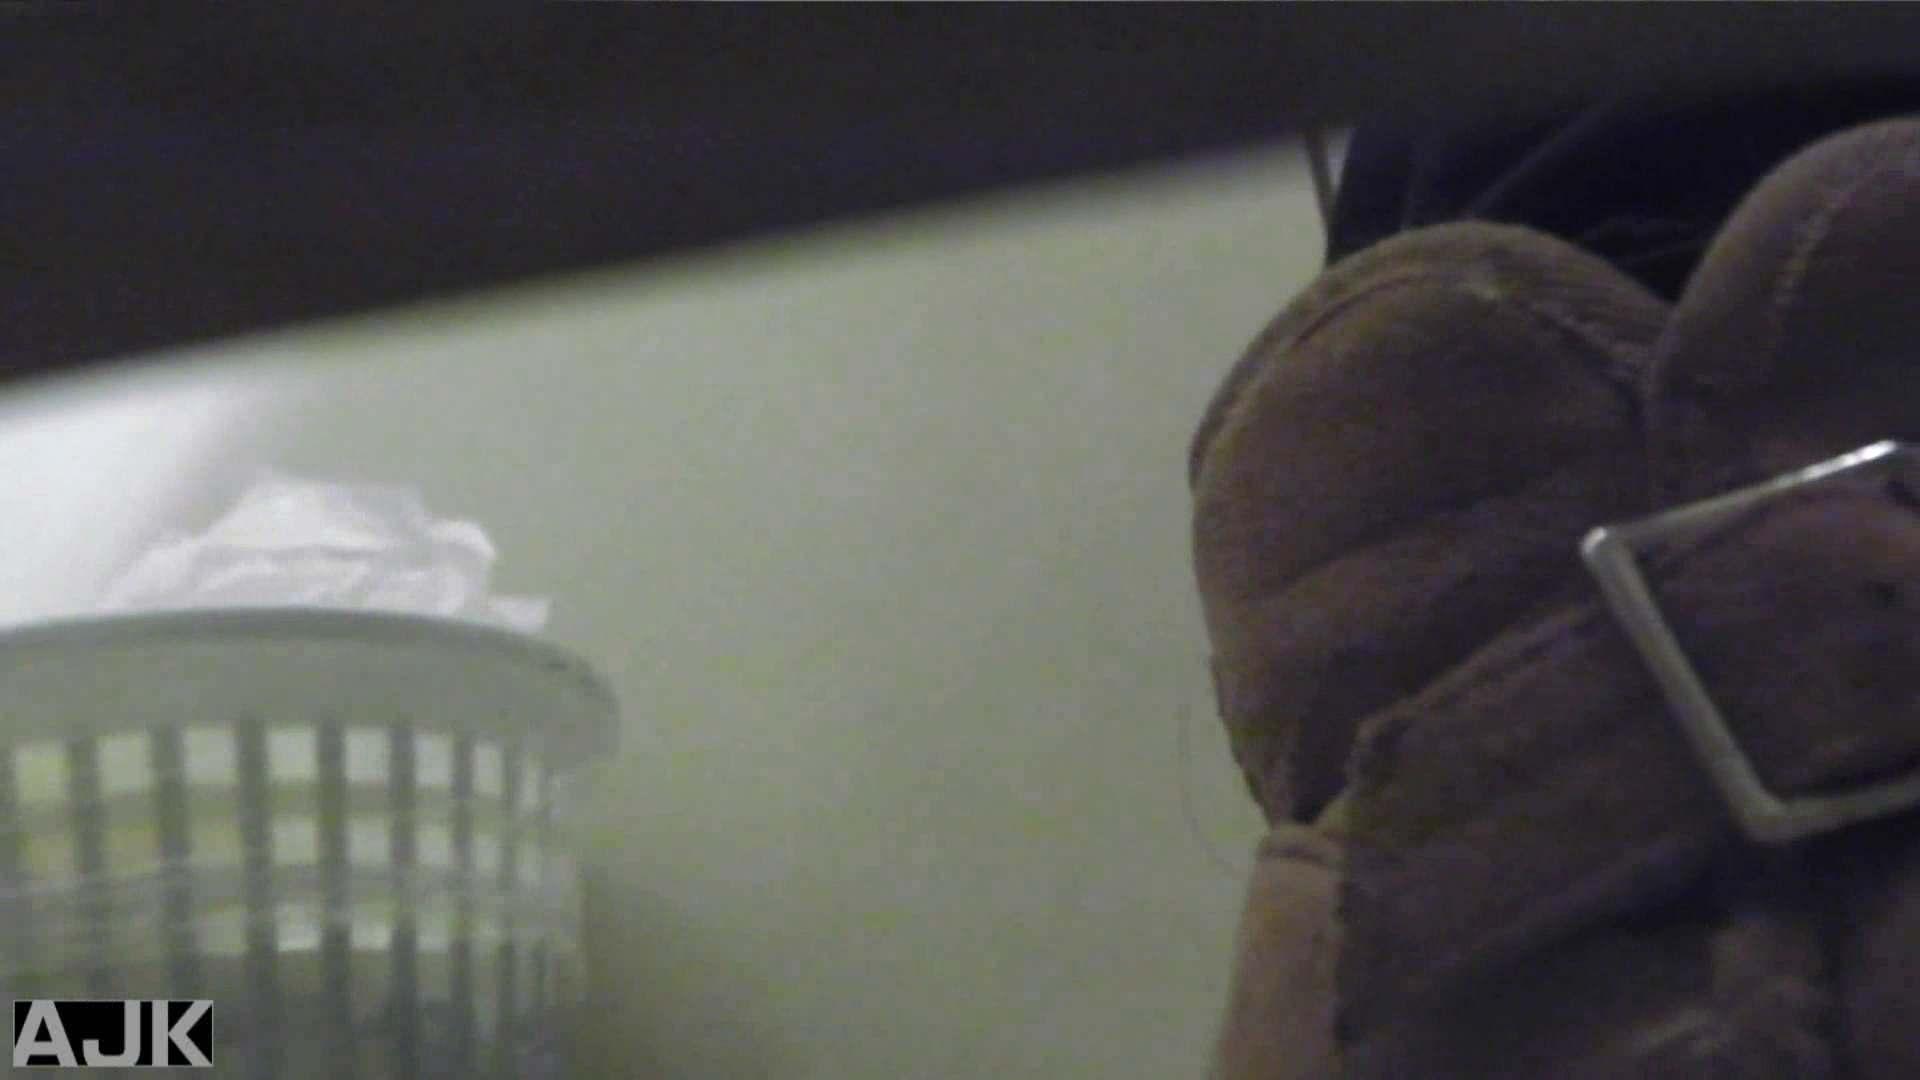 隣国上階級エリアの令嬢たちが集うデパートお手洗い Vol.28 盗撮編 われめAV動画紹介 103枚 25